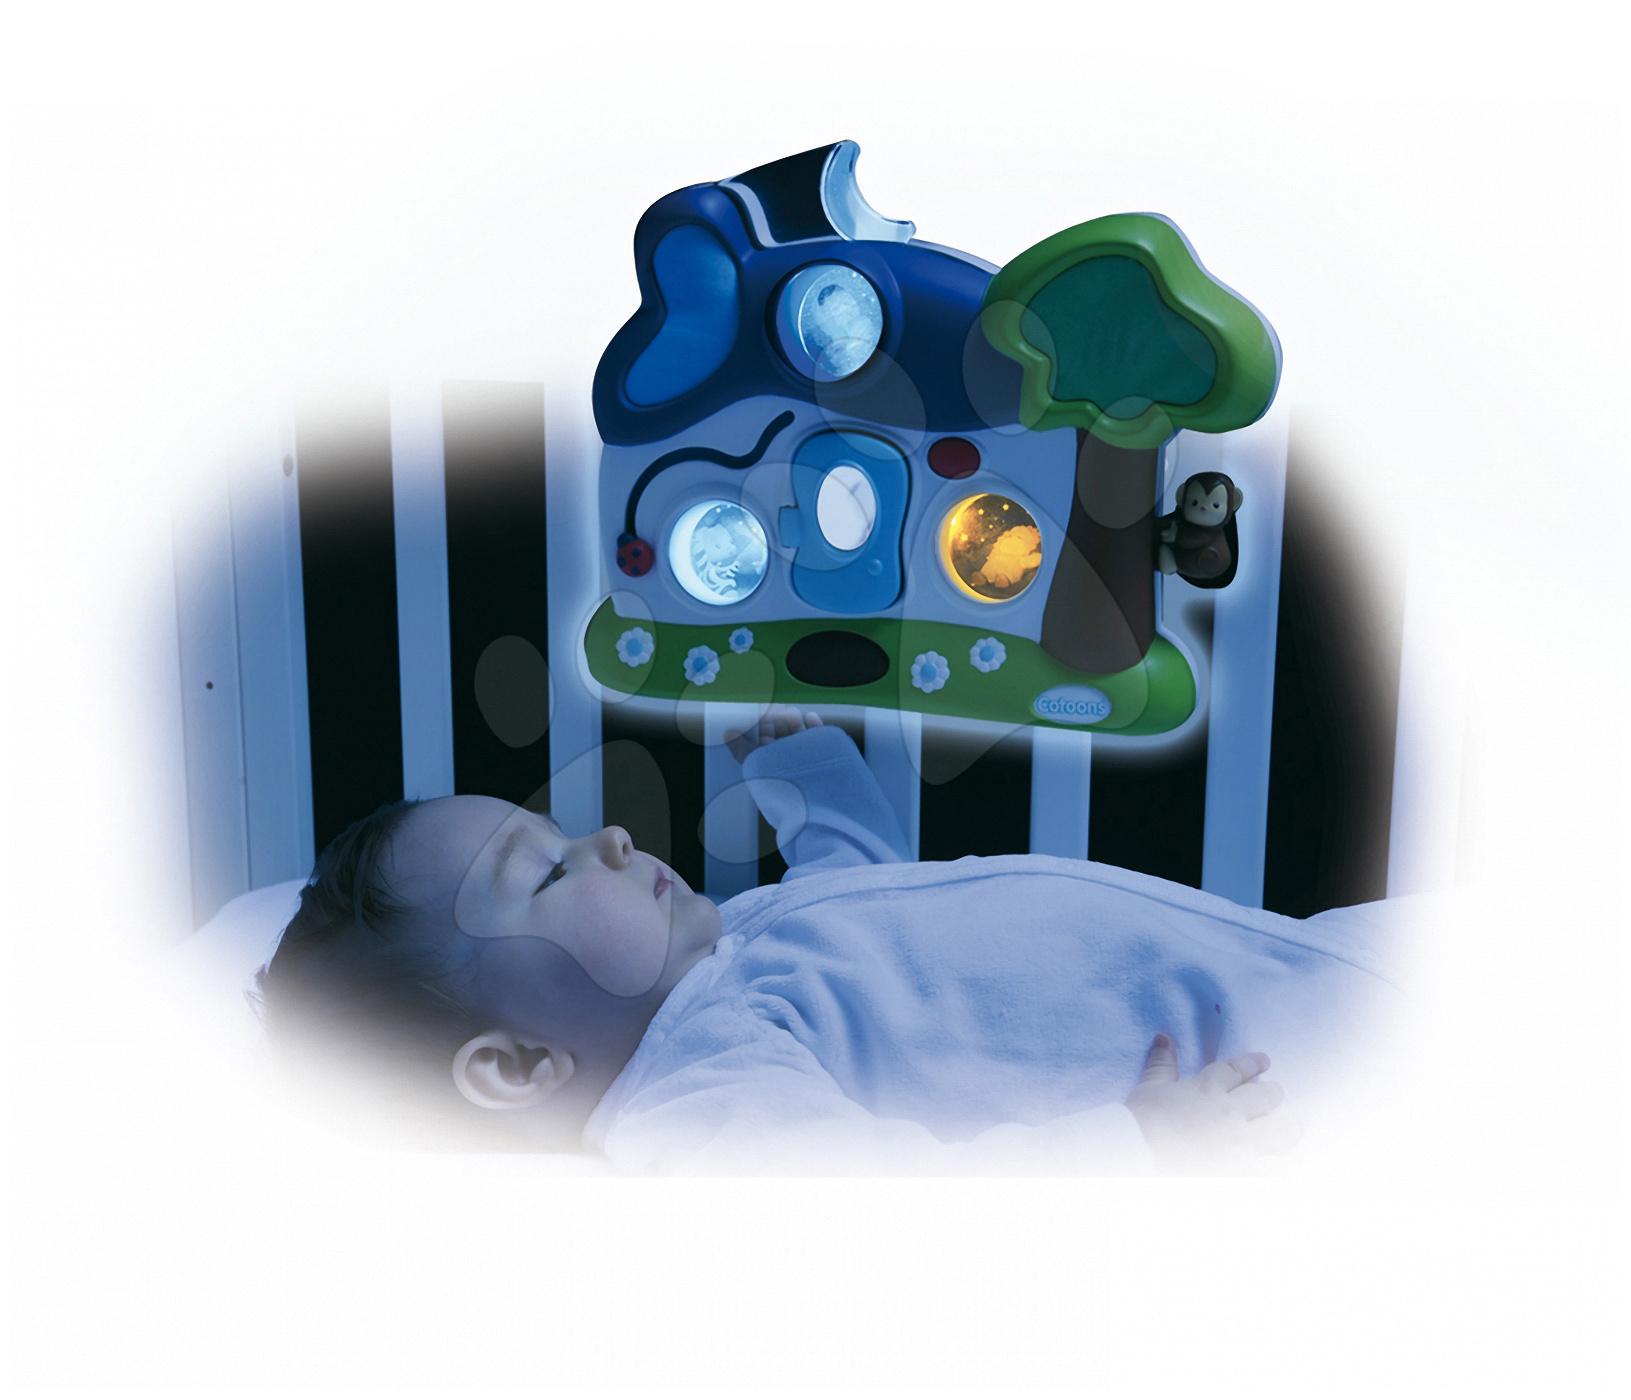 Căsuţă luminoasă Cotoons Night n'Day Smoby pentru bebeluşi colorată